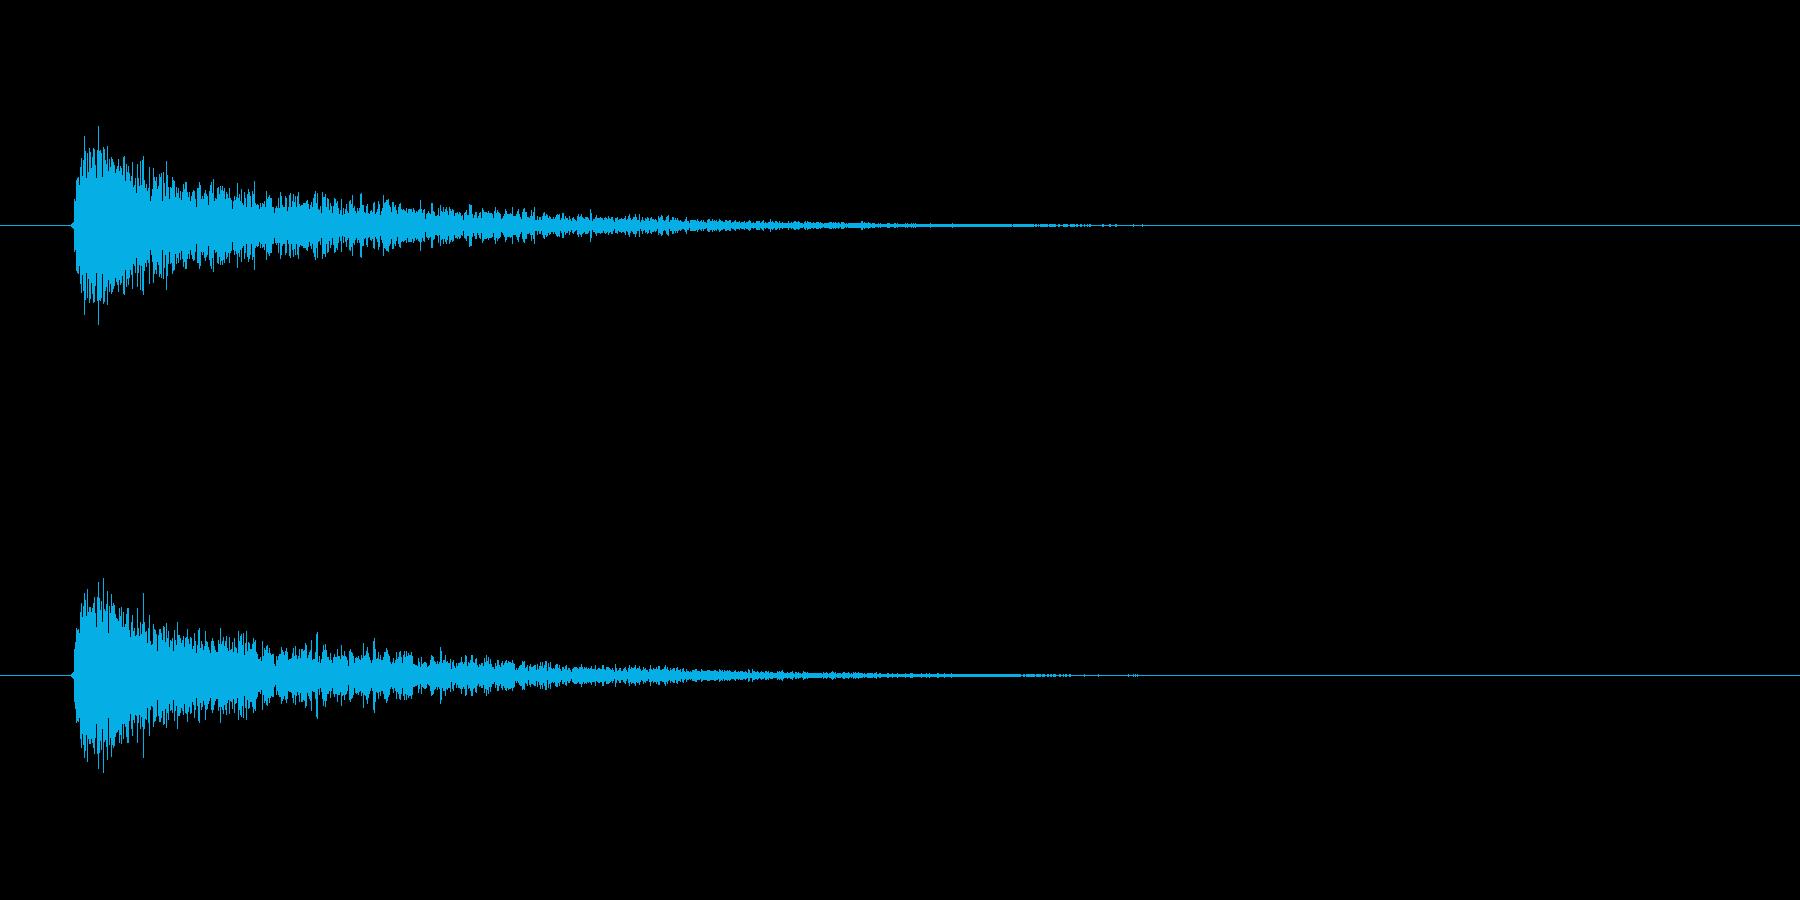 【衝撃08-1】の再生済みの波形